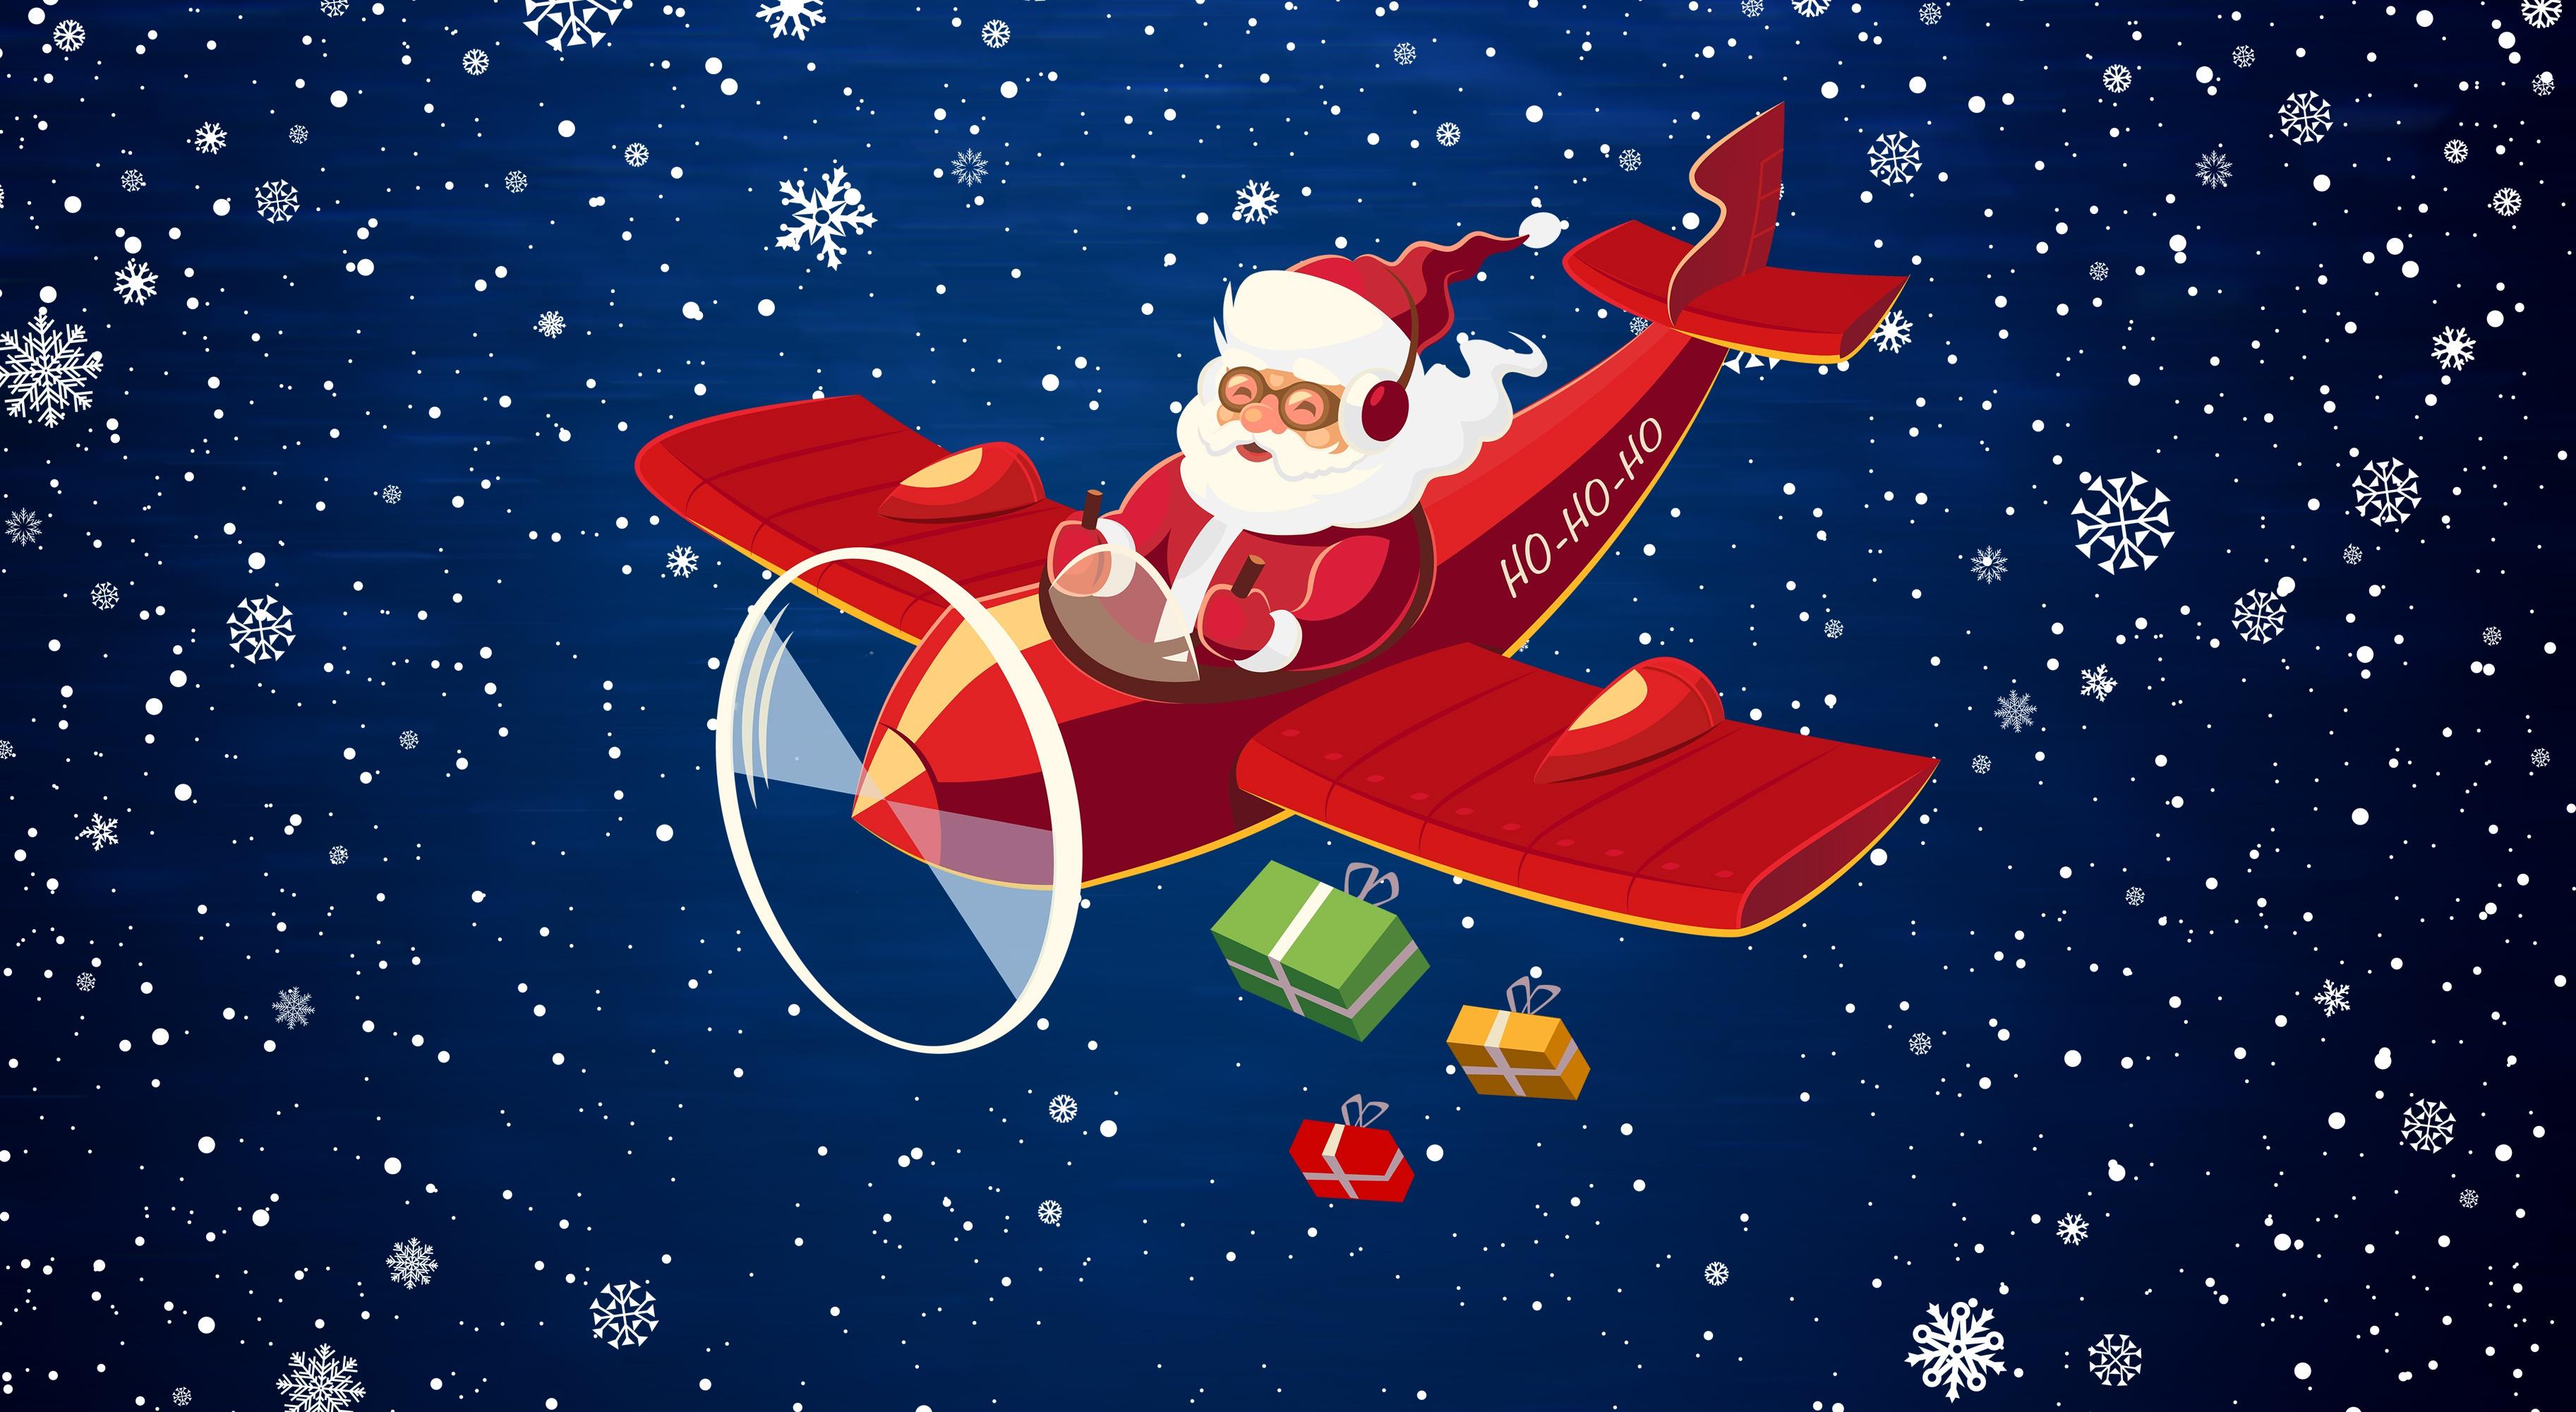 Поздравления с новым годом другу самолет